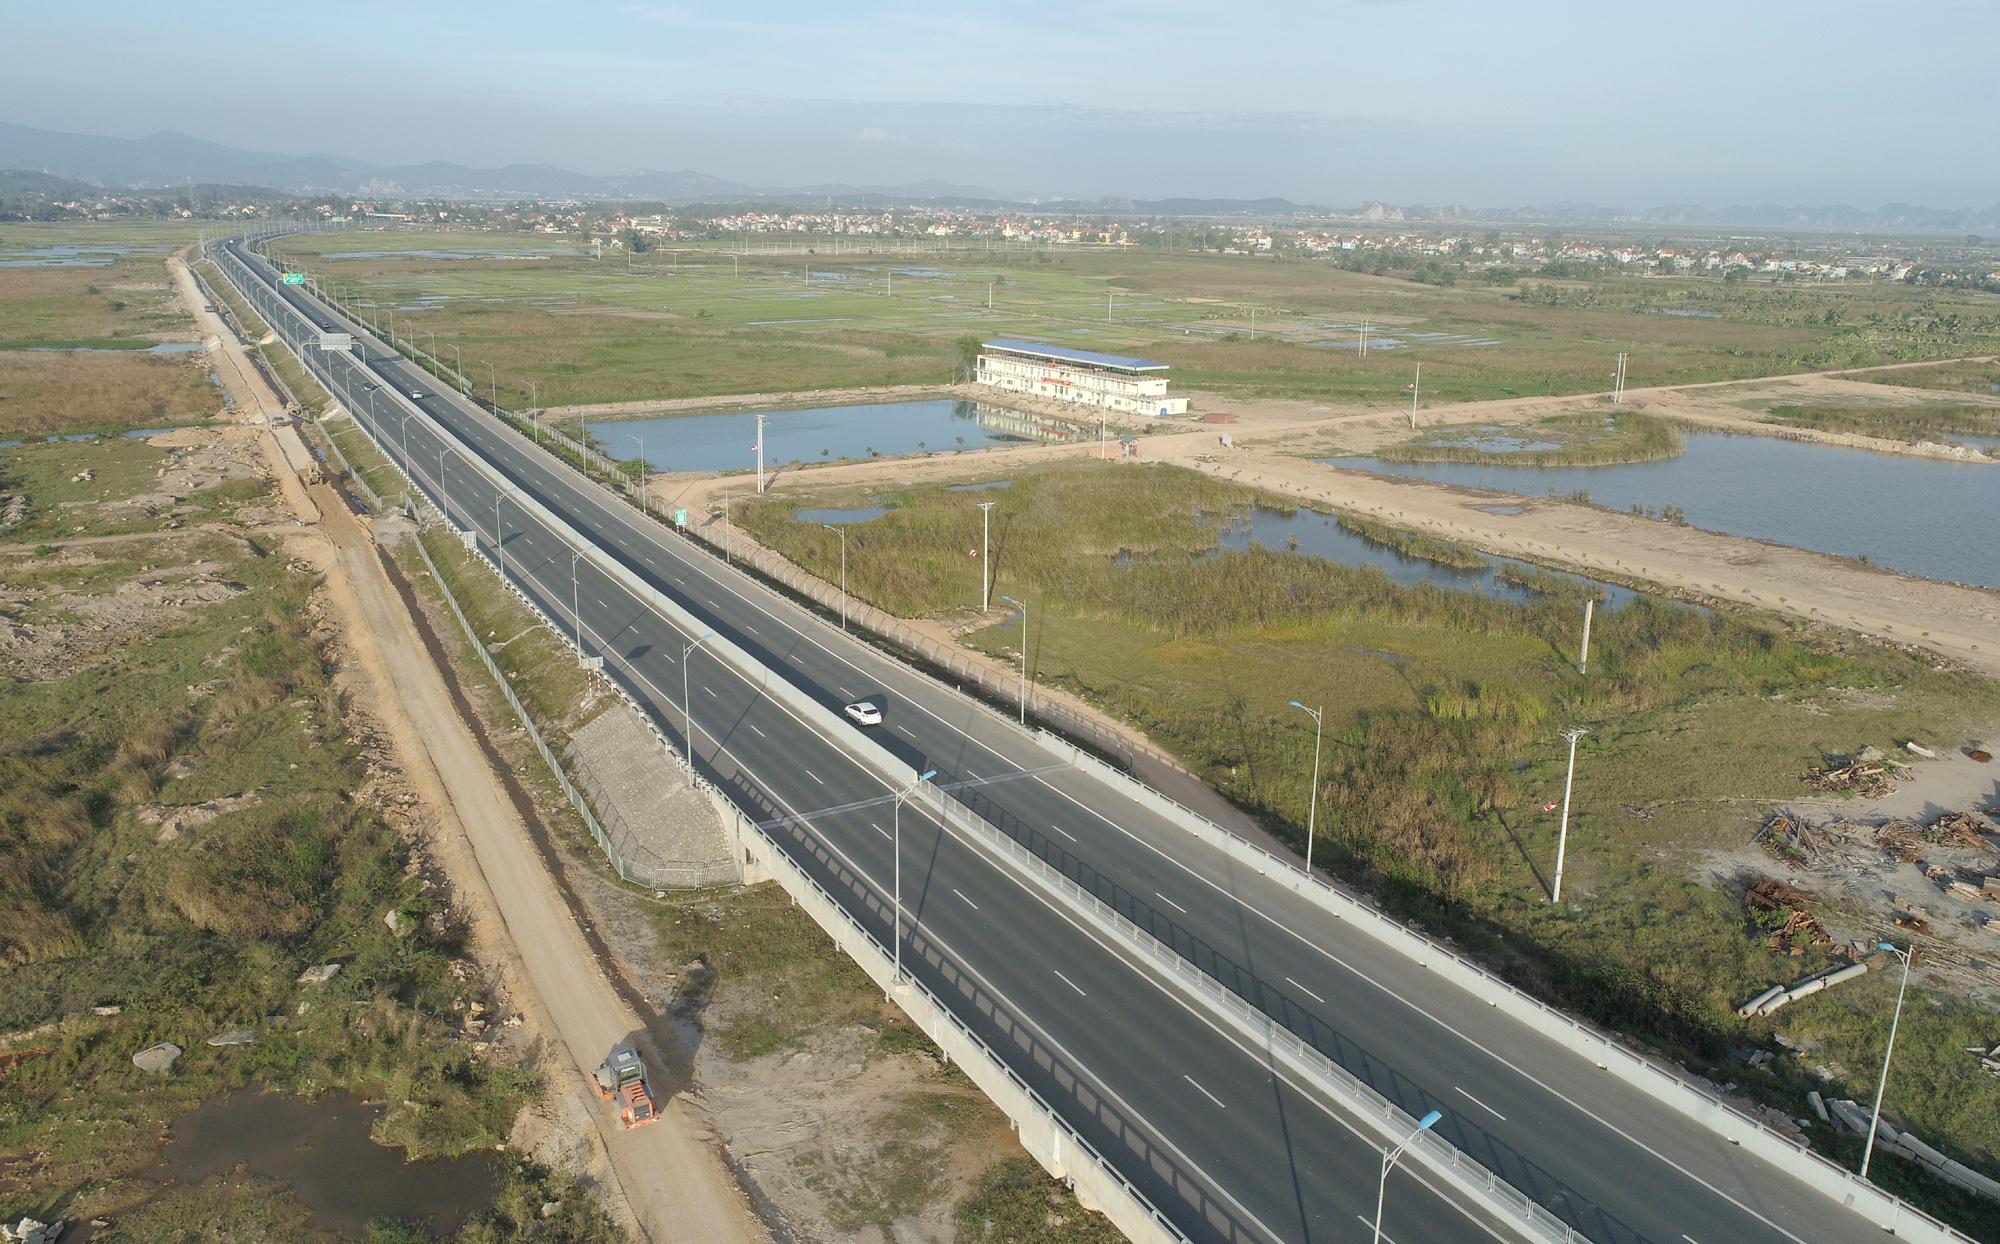 Siêu dự án 10 tỷ USD của Vingroup có vị trí tiếp giáp cao tốc Hải Phòng - Hạ Long - Vân Đồn - Ảnh 1.